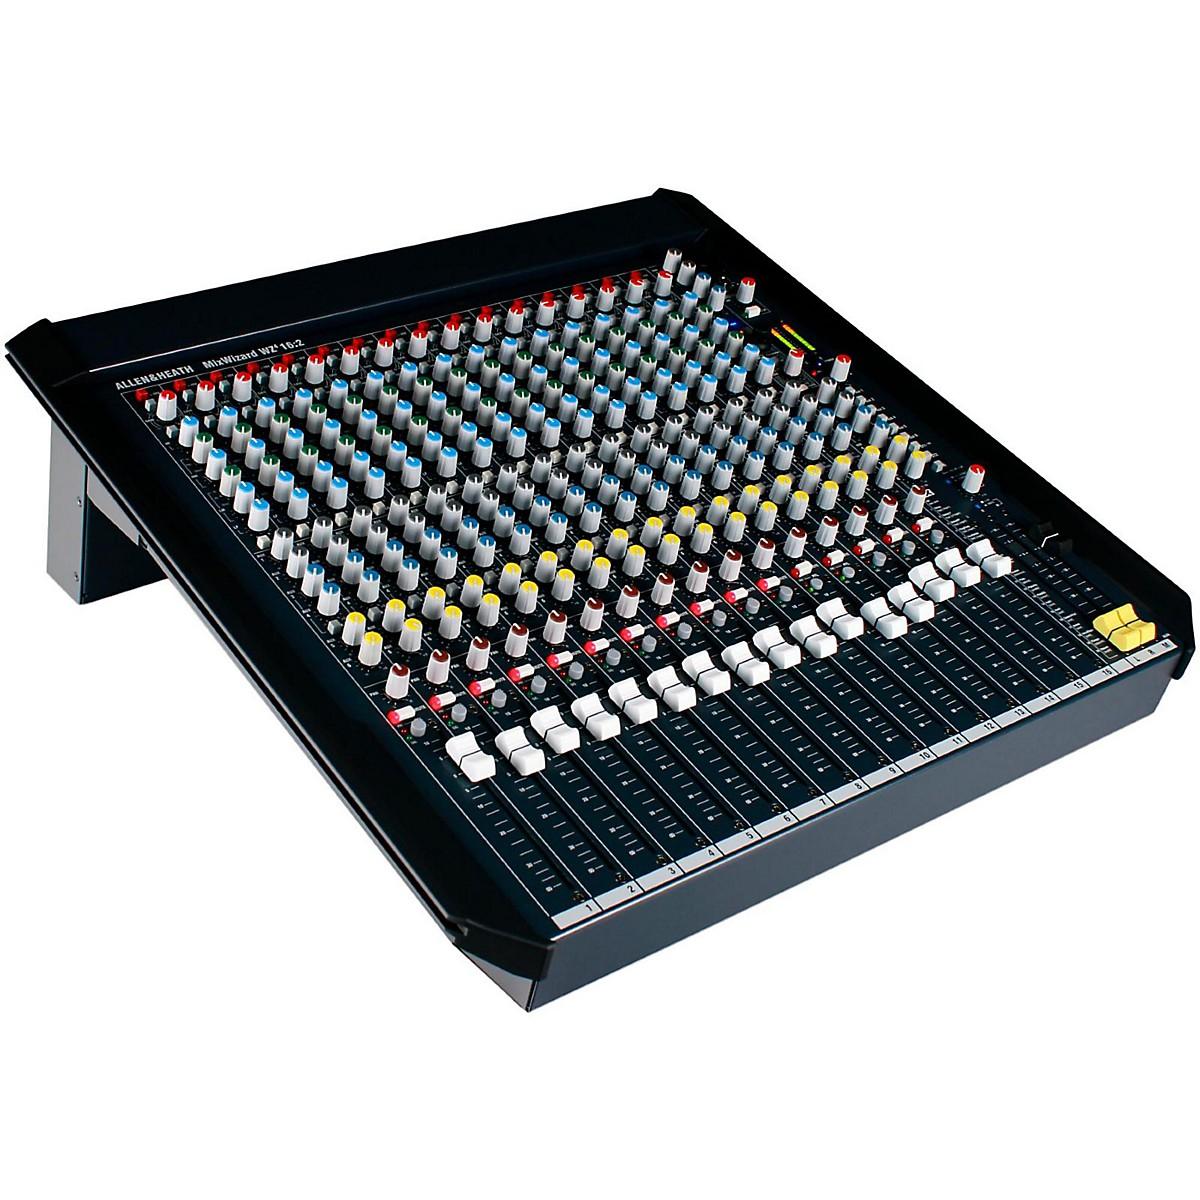 Allen & Heath Wizard Wz4 16:2 Mixer With Effects